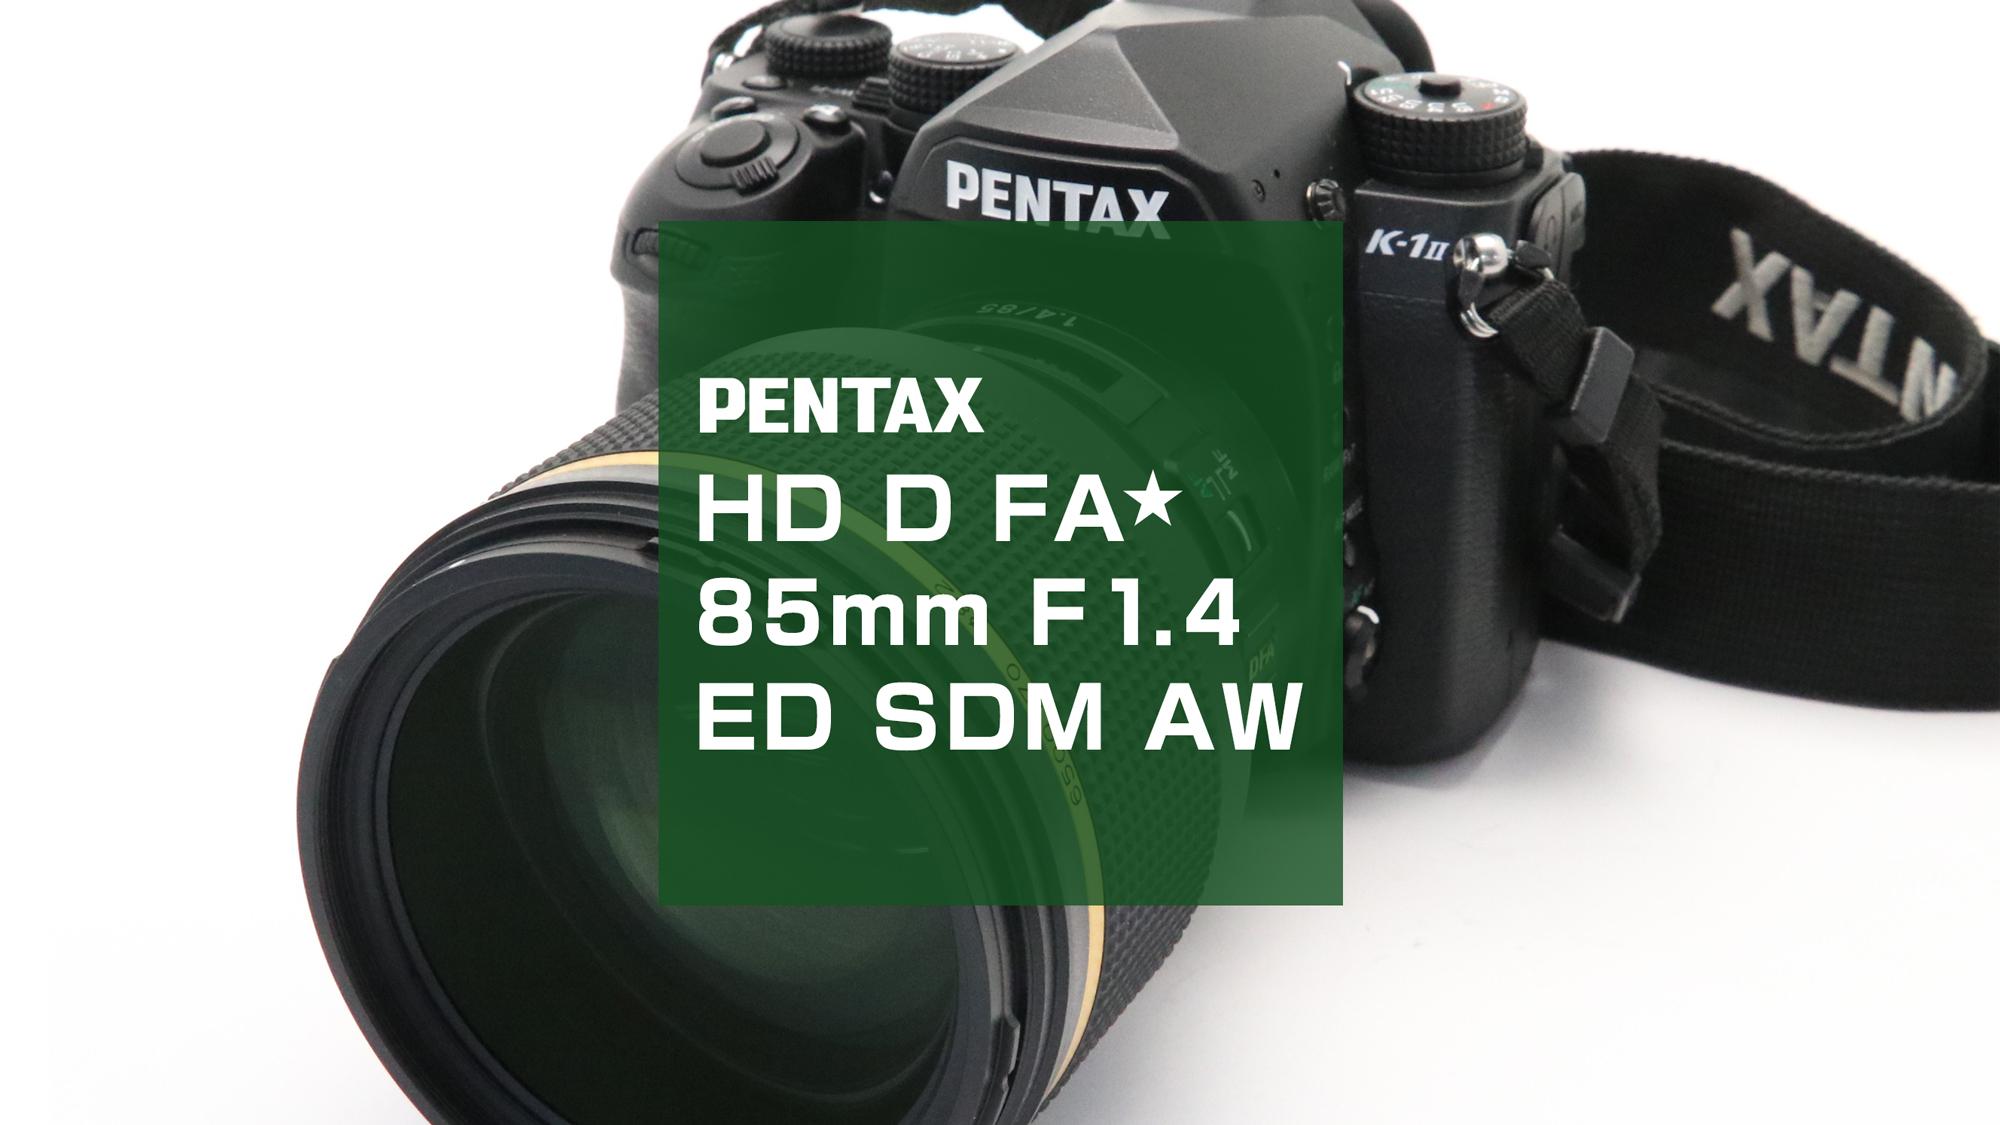 【PENTAX】HD D FA★85mm F1.4 ED SDM AW